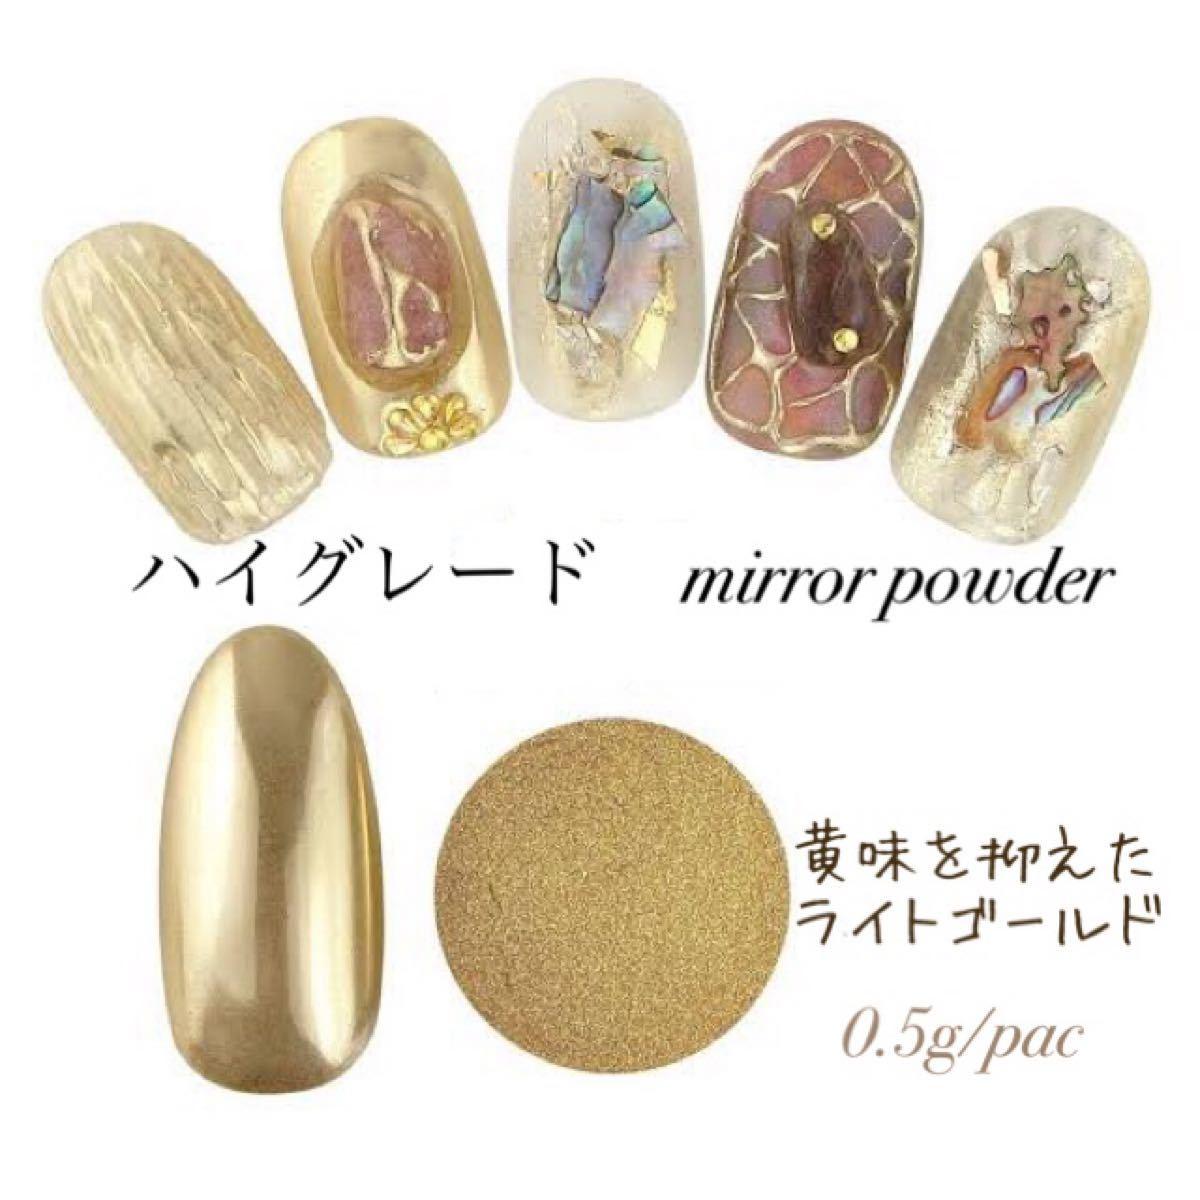 ネイル ミラーパウダー ライトゴールド メタリックネイル 顔料